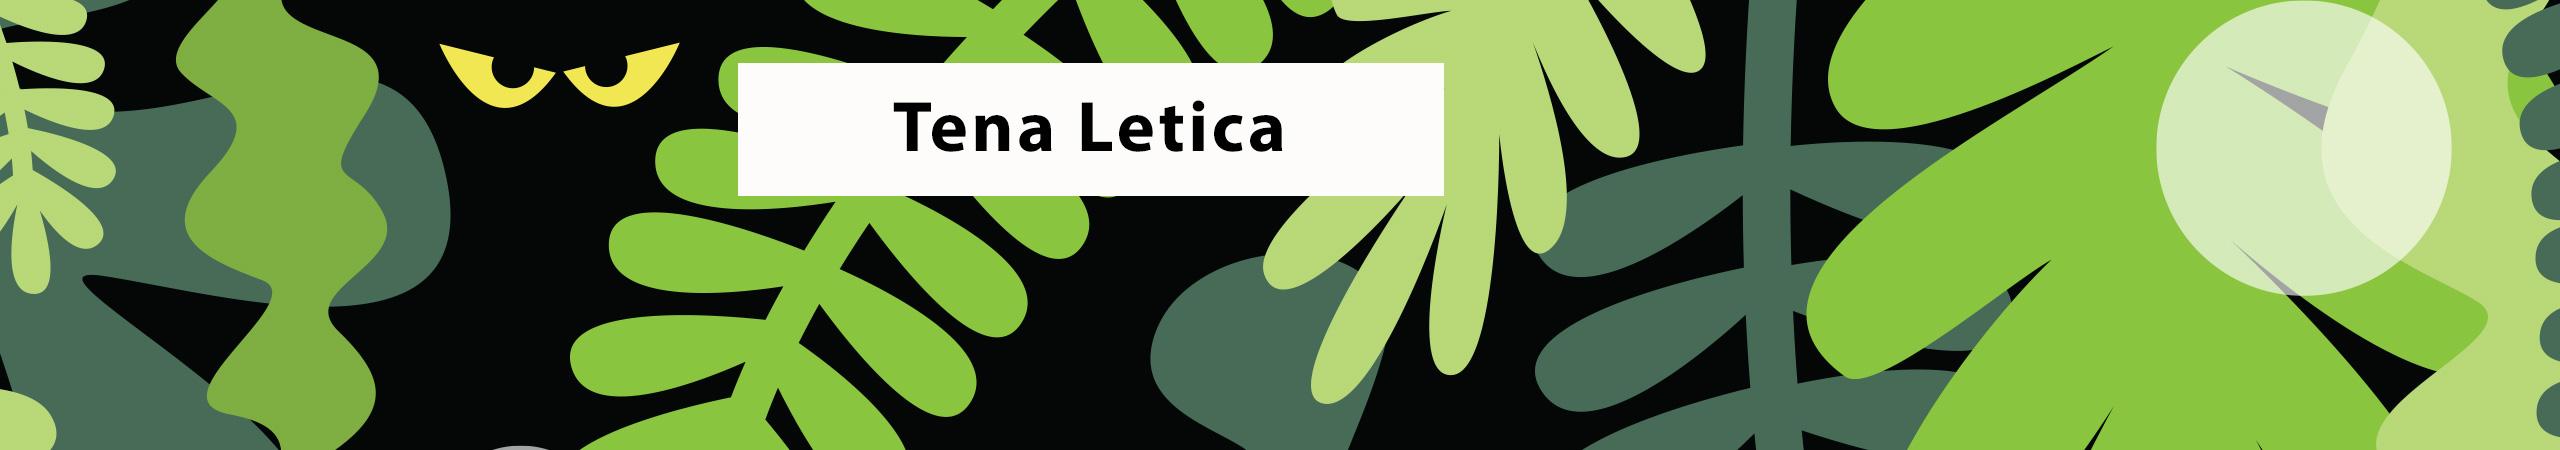 Tena Letica